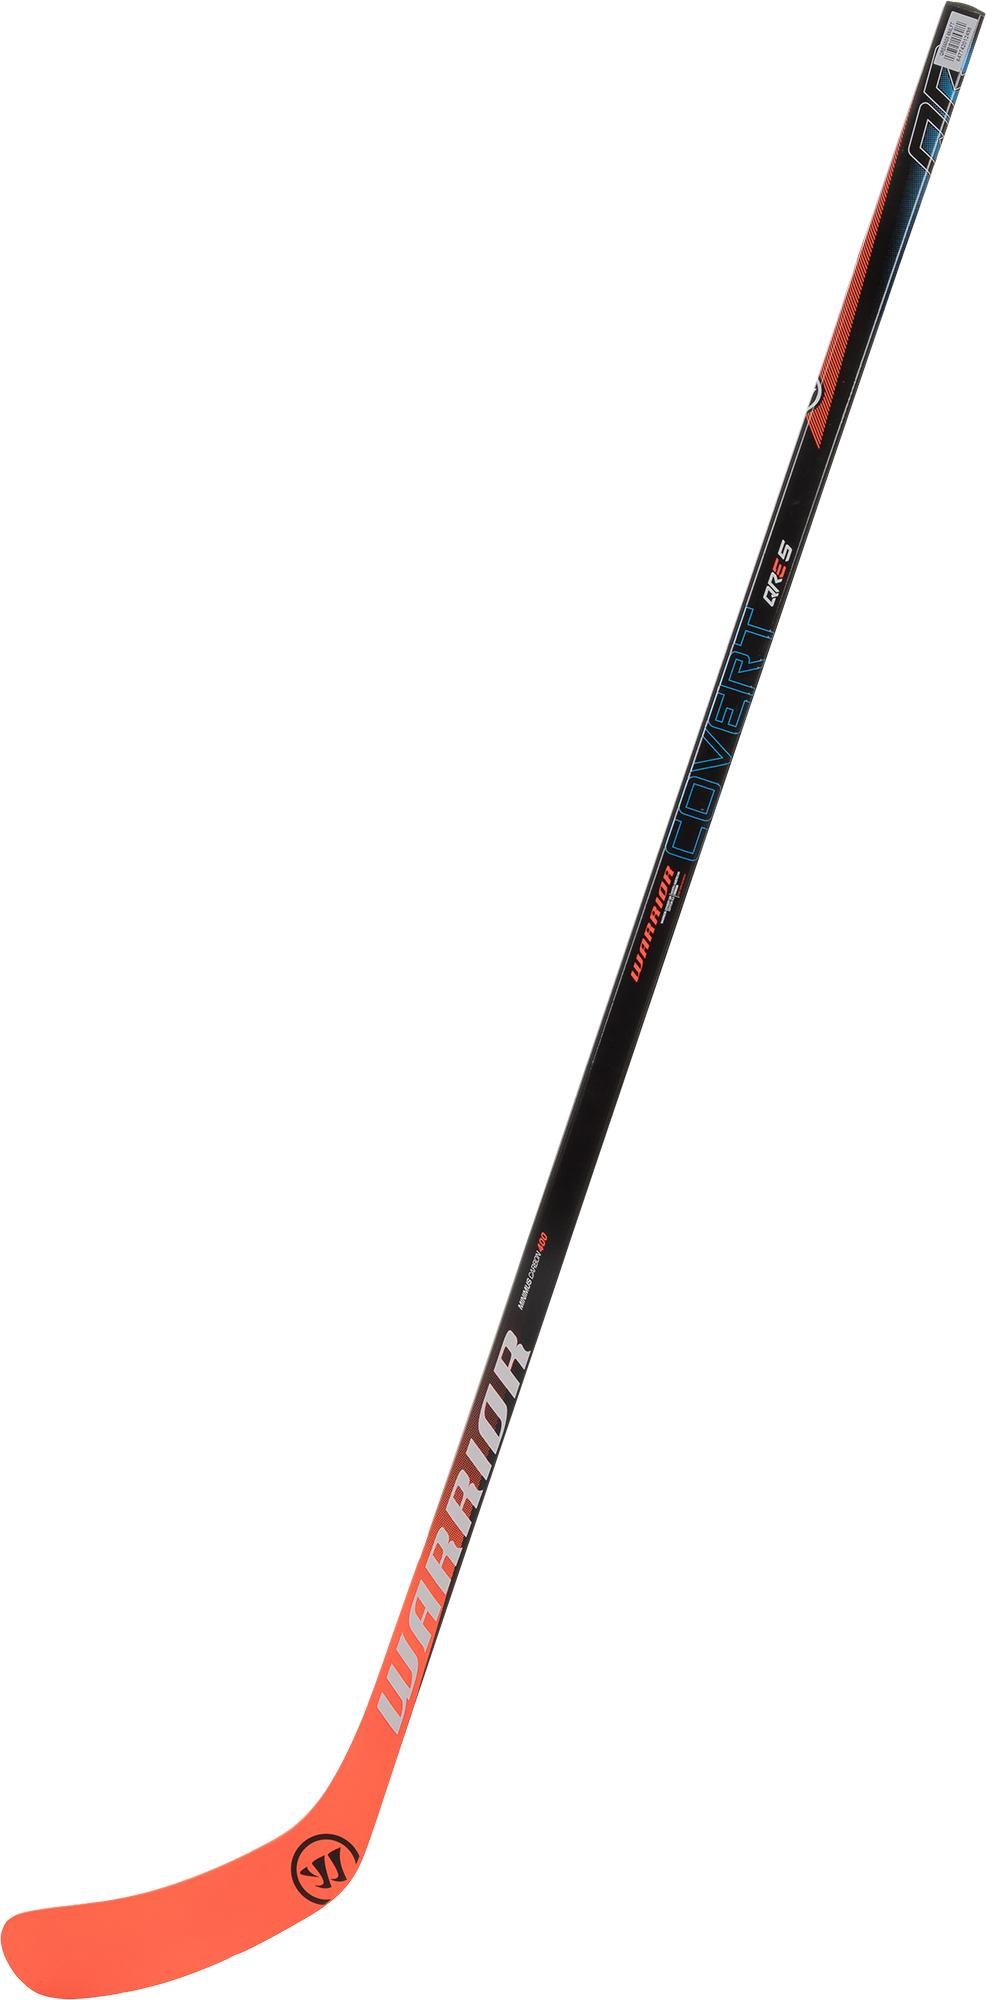 все цены на WARRIOR Клюшка хоккейная детская WARRIOR Covert QRE5 JR, размер R онлайн